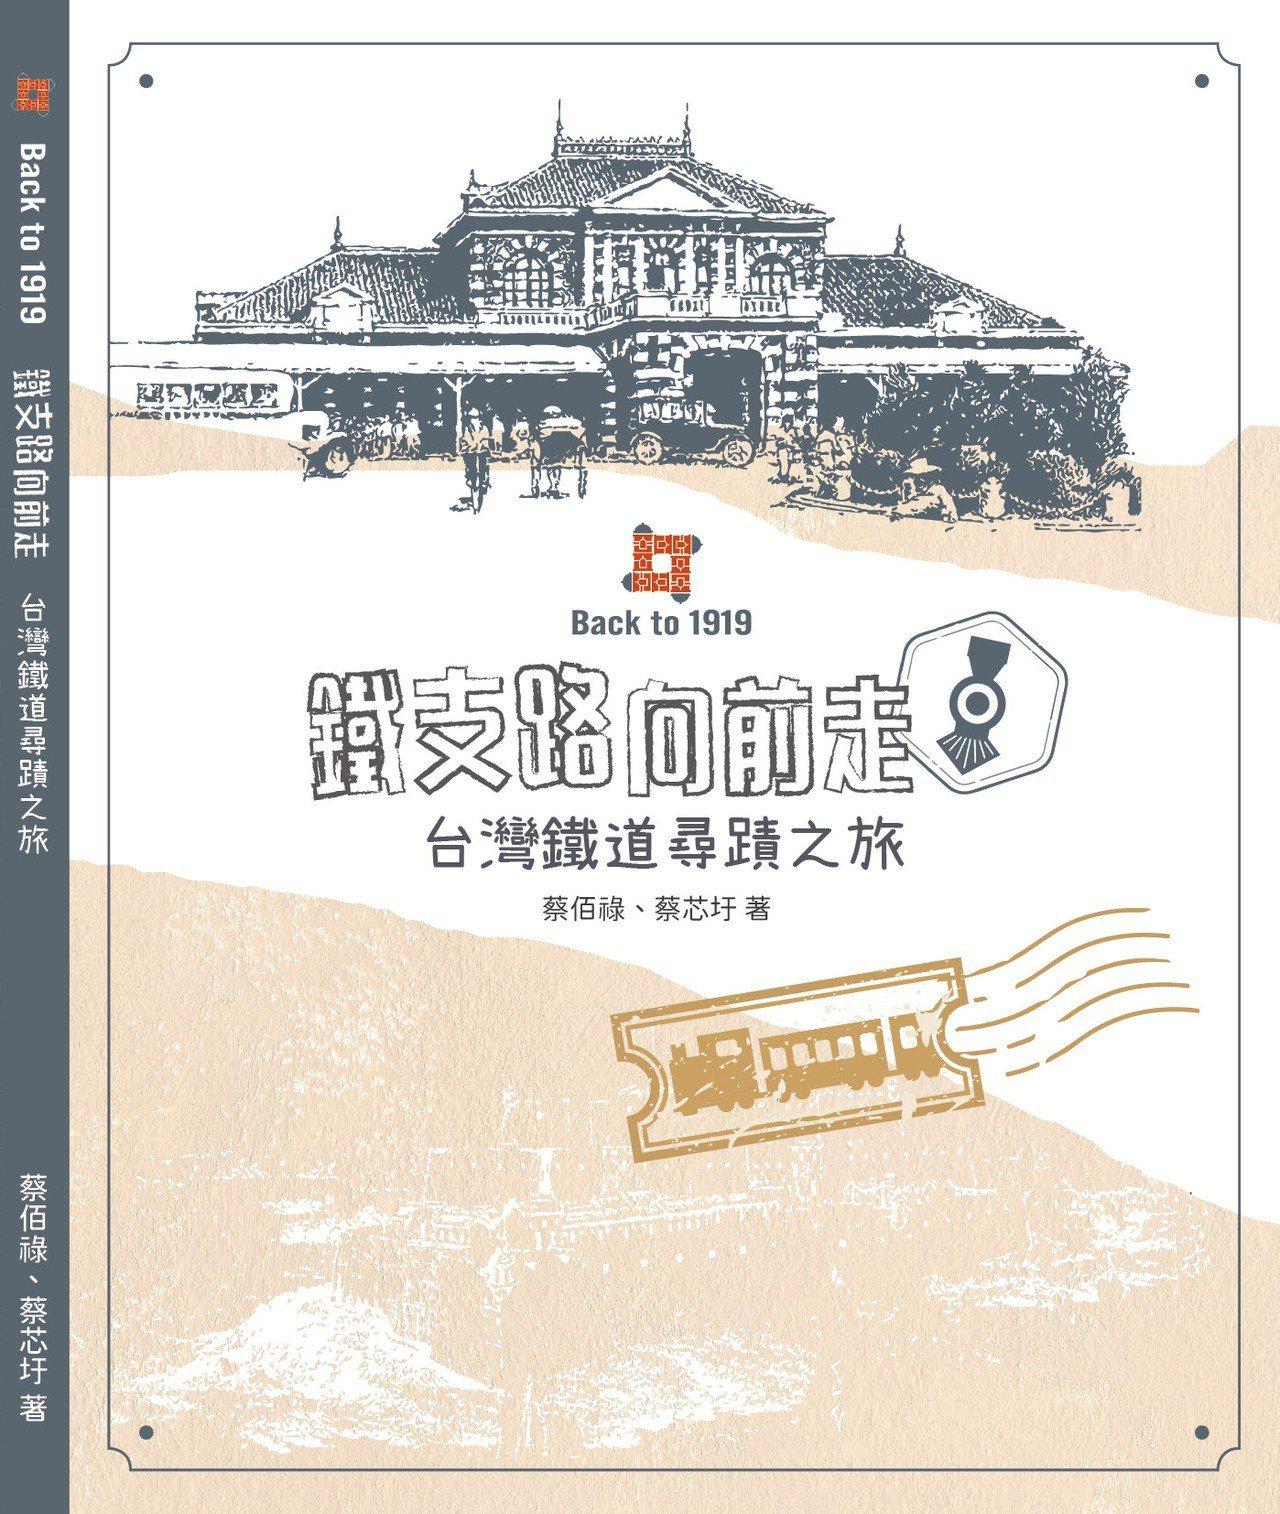 台鐵與力麗社會福利慈善事業基金會共同舉辦「畫說台鐵與台灣建築遺產展」,並推出周邊...